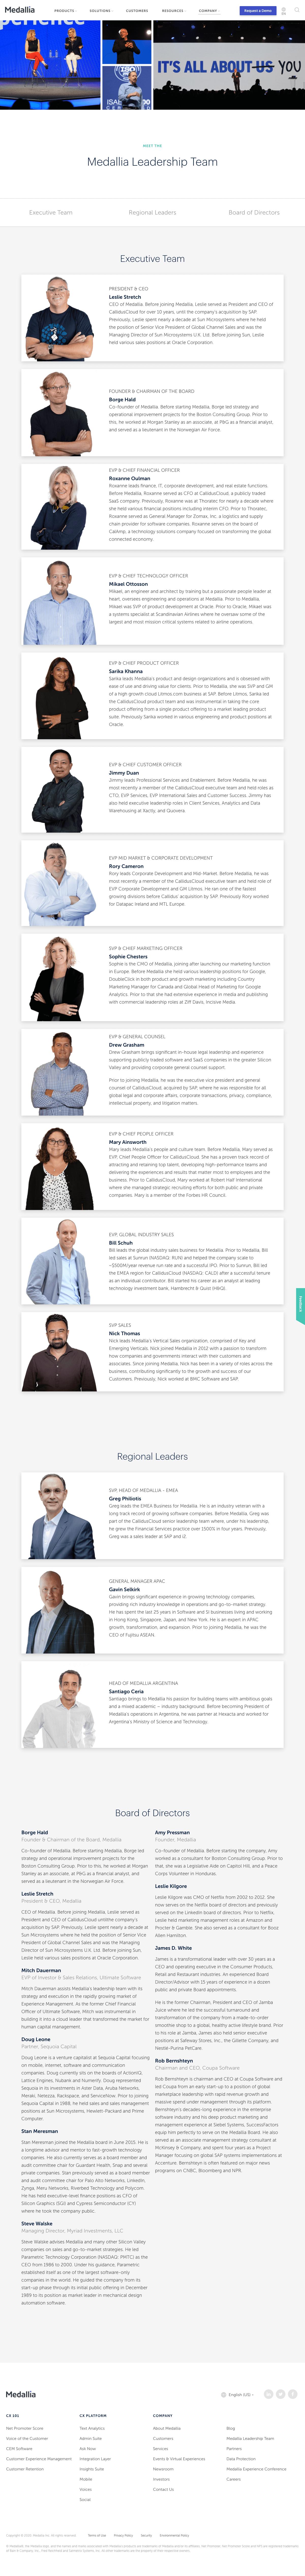 Medallia – Team page